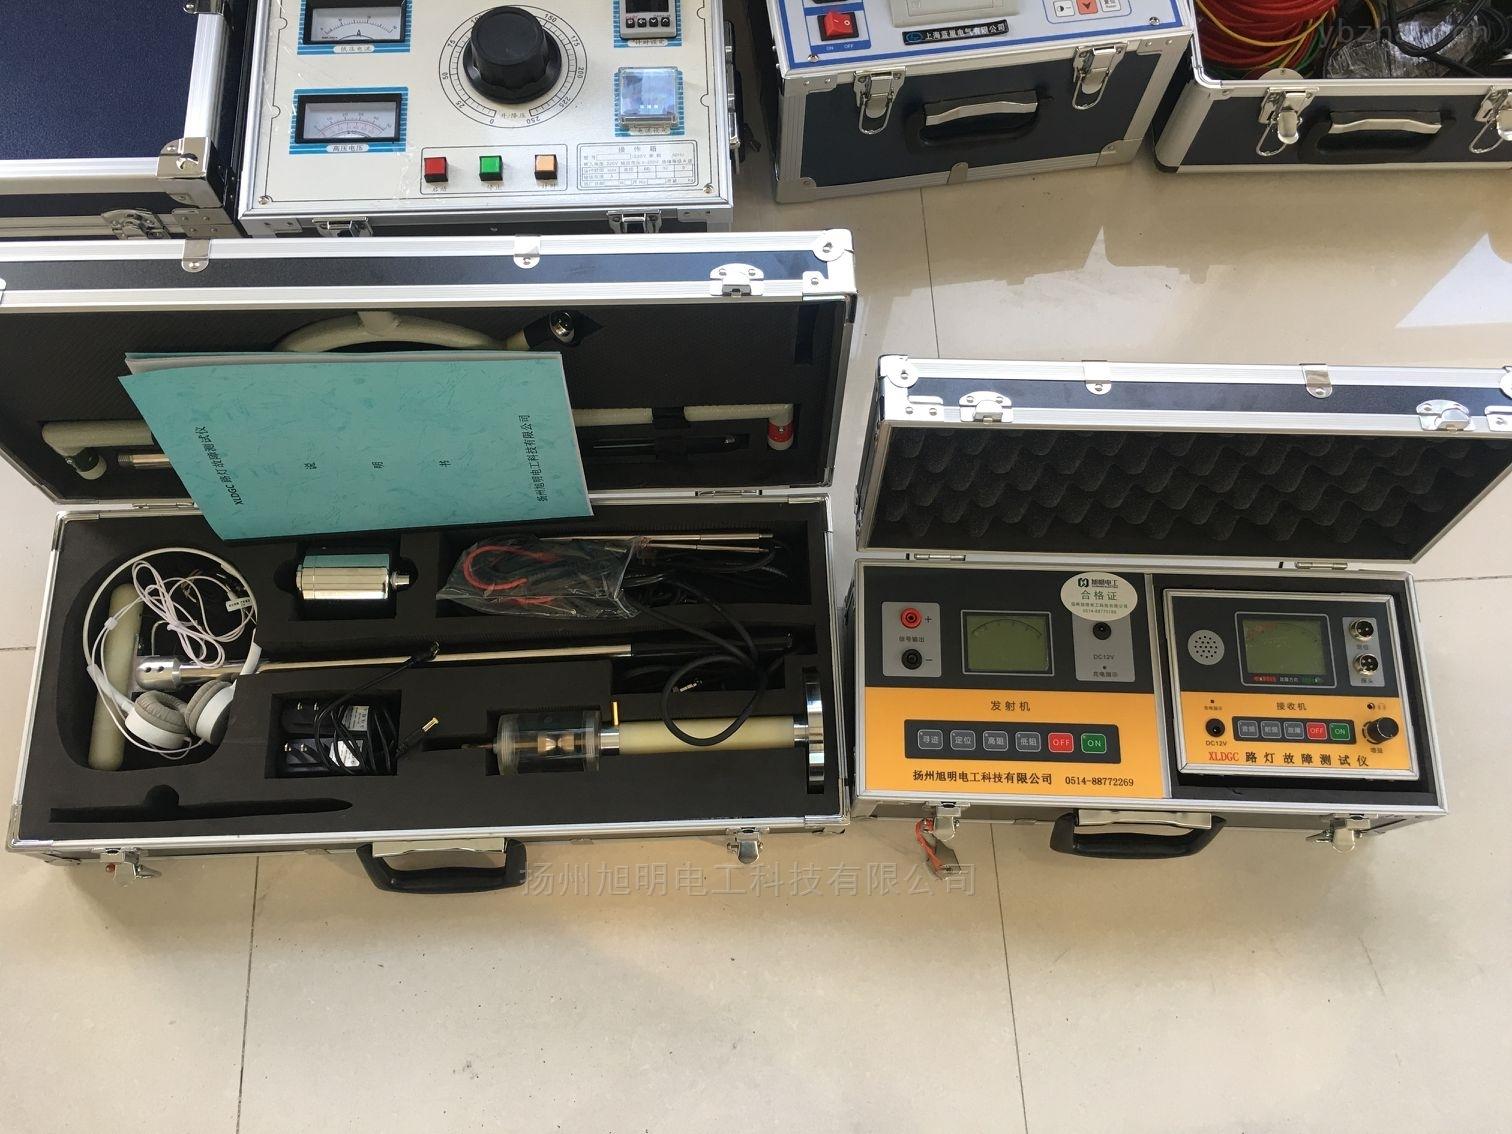 扬州旭明电工科技有限公司是专业生产路灯电缆故障测试仪的厂家 一、概 述 本仪器是由发射机、接收机、磁感应探测棒、定位探测架等组成。是光缆、电缆故障定位测试的专用仪表,适用测试对象为具有金属导体(线对、护层、屏蔽层)的各种光缆、电缆。其主要功能为对地绝缘不良点的定位测试,线缆路径的探测以及线缆埋深的测试。 二、主要特点 ¨ 接收灵敏度高 ¨ 静态漂移低 ¨ 定位精度高 ¨ 抗干扰能力强 ¨ 液晶屏显示信号及状态 ¨ 内置锂电池供电,并配有充电器 三、主要技术参